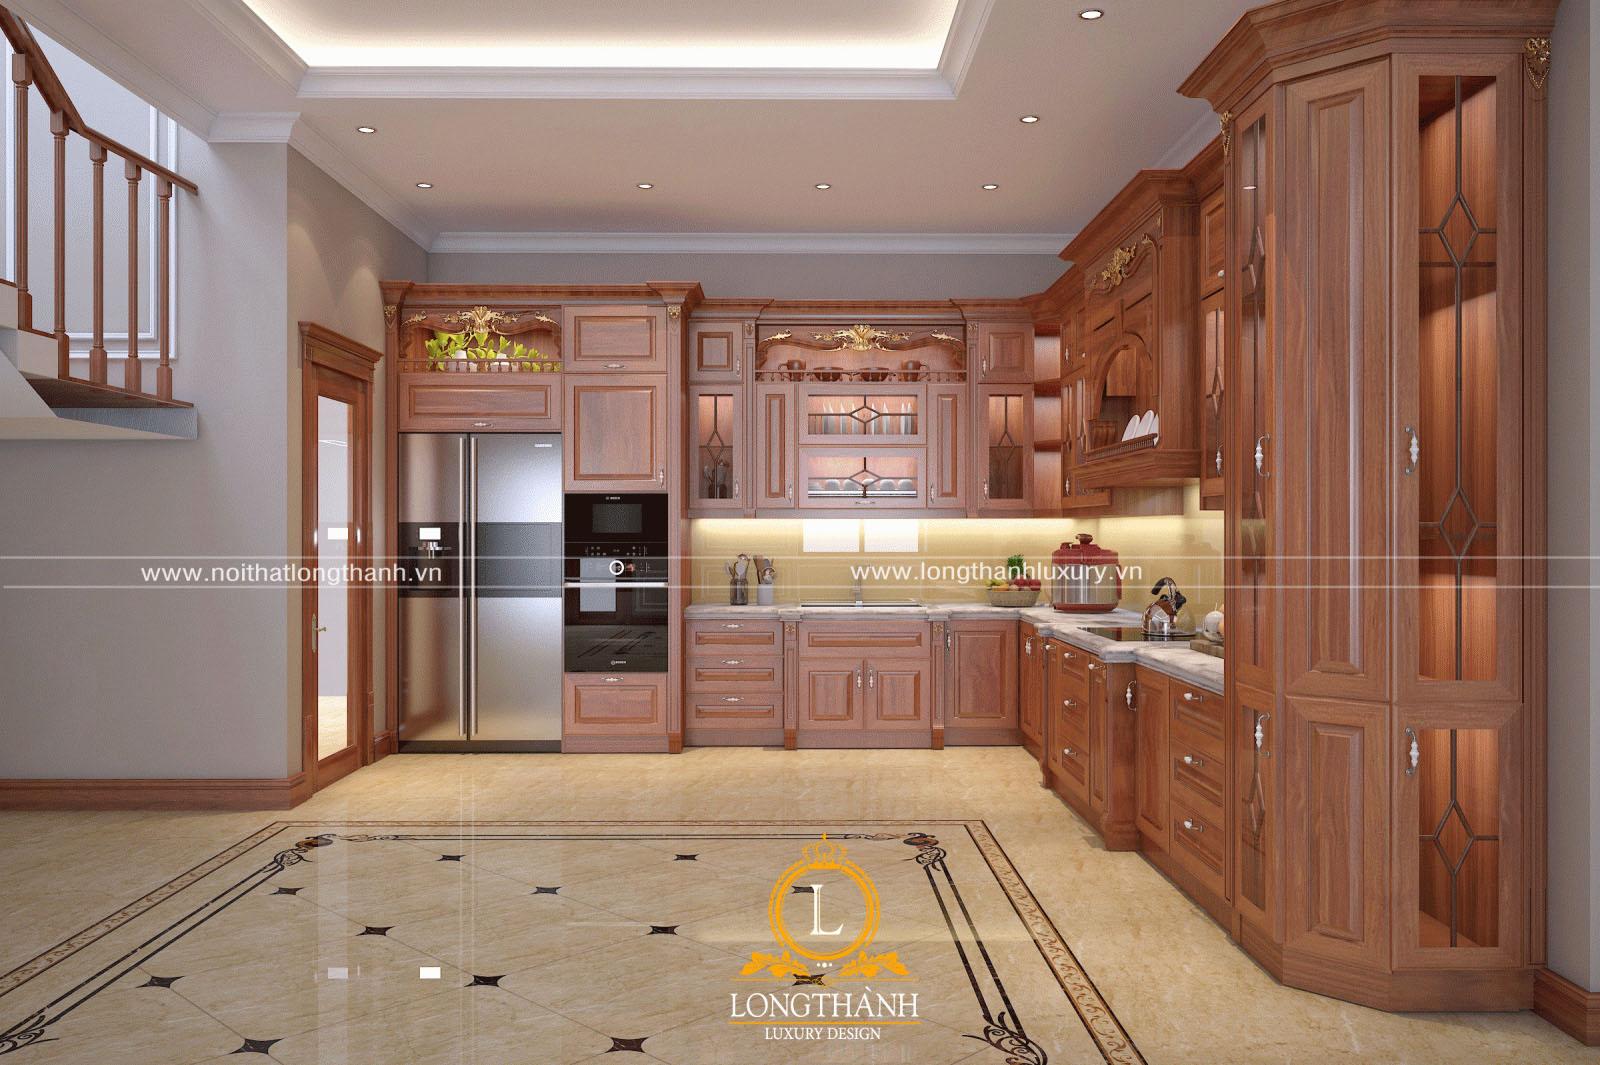 Không gian phòng bếp cuốn hút từ tủ bếp gỗ Gõ tự nhiên